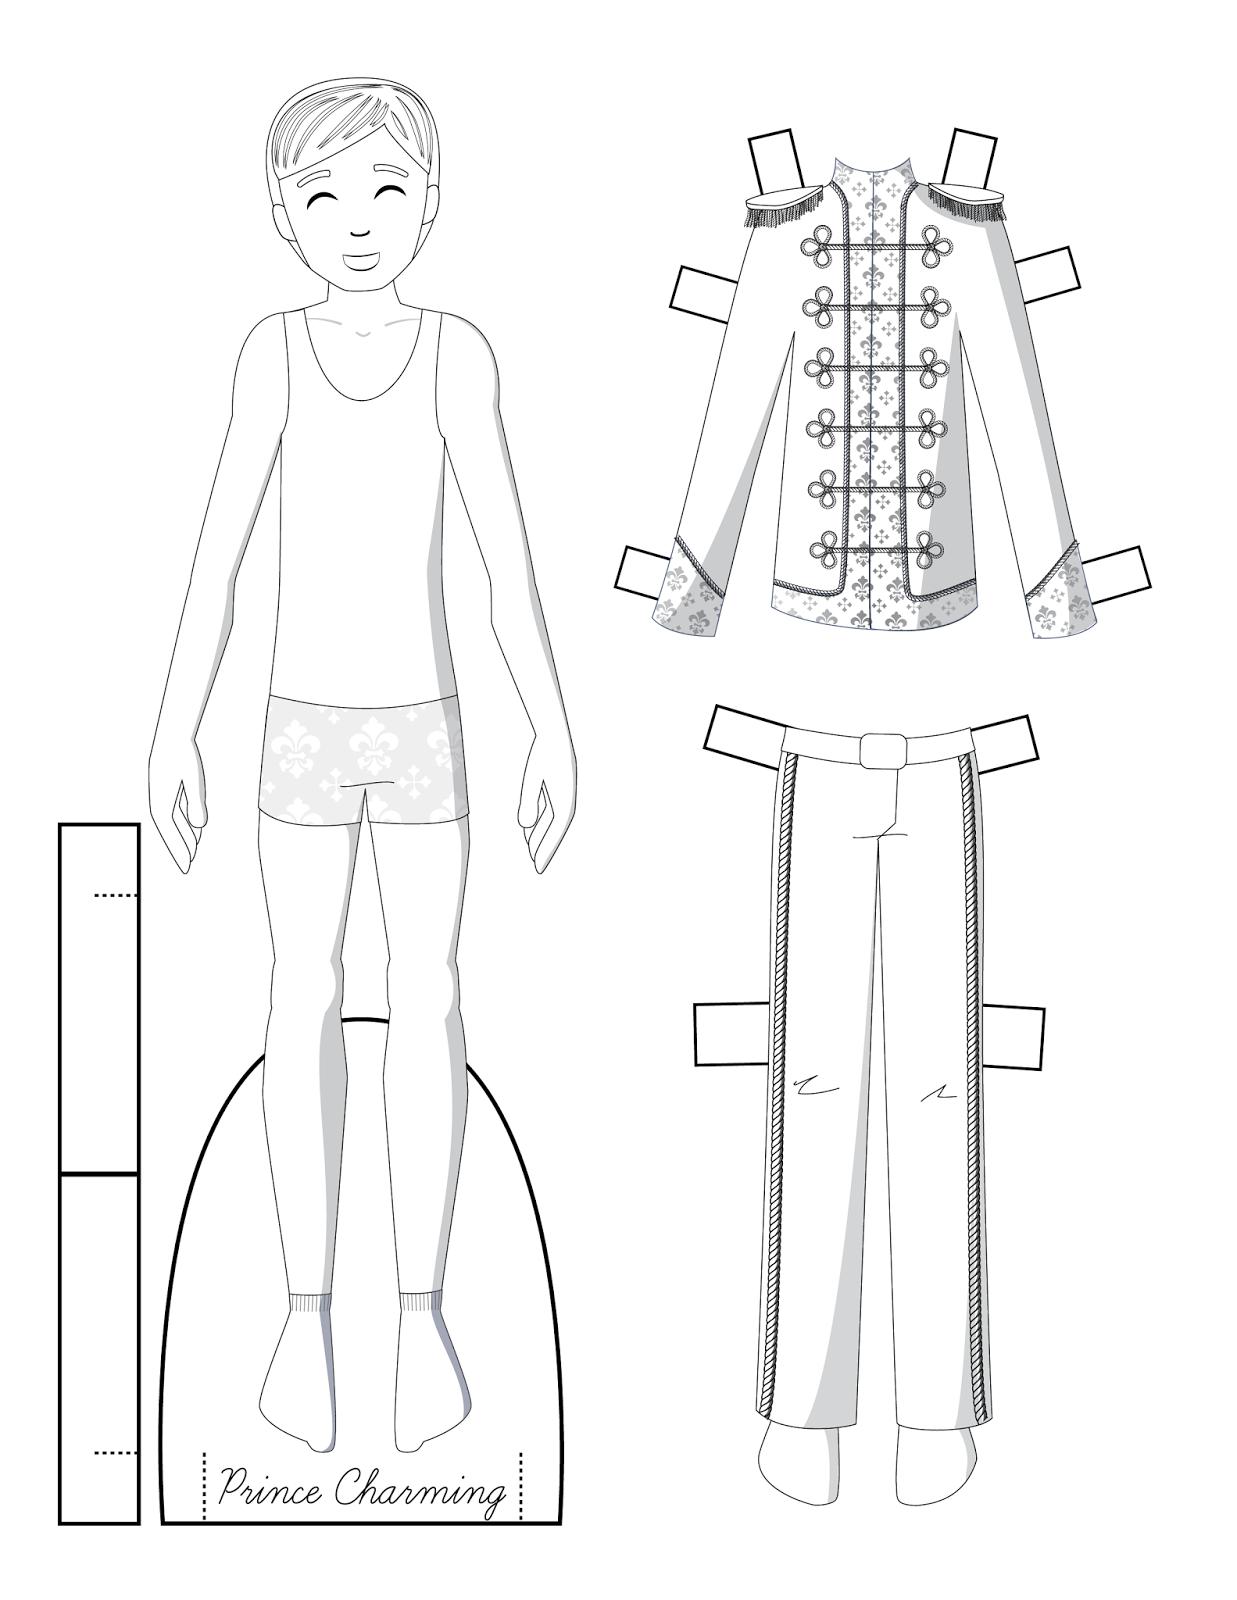 шаблоны мужской одежды для вырезания поборолись пяти